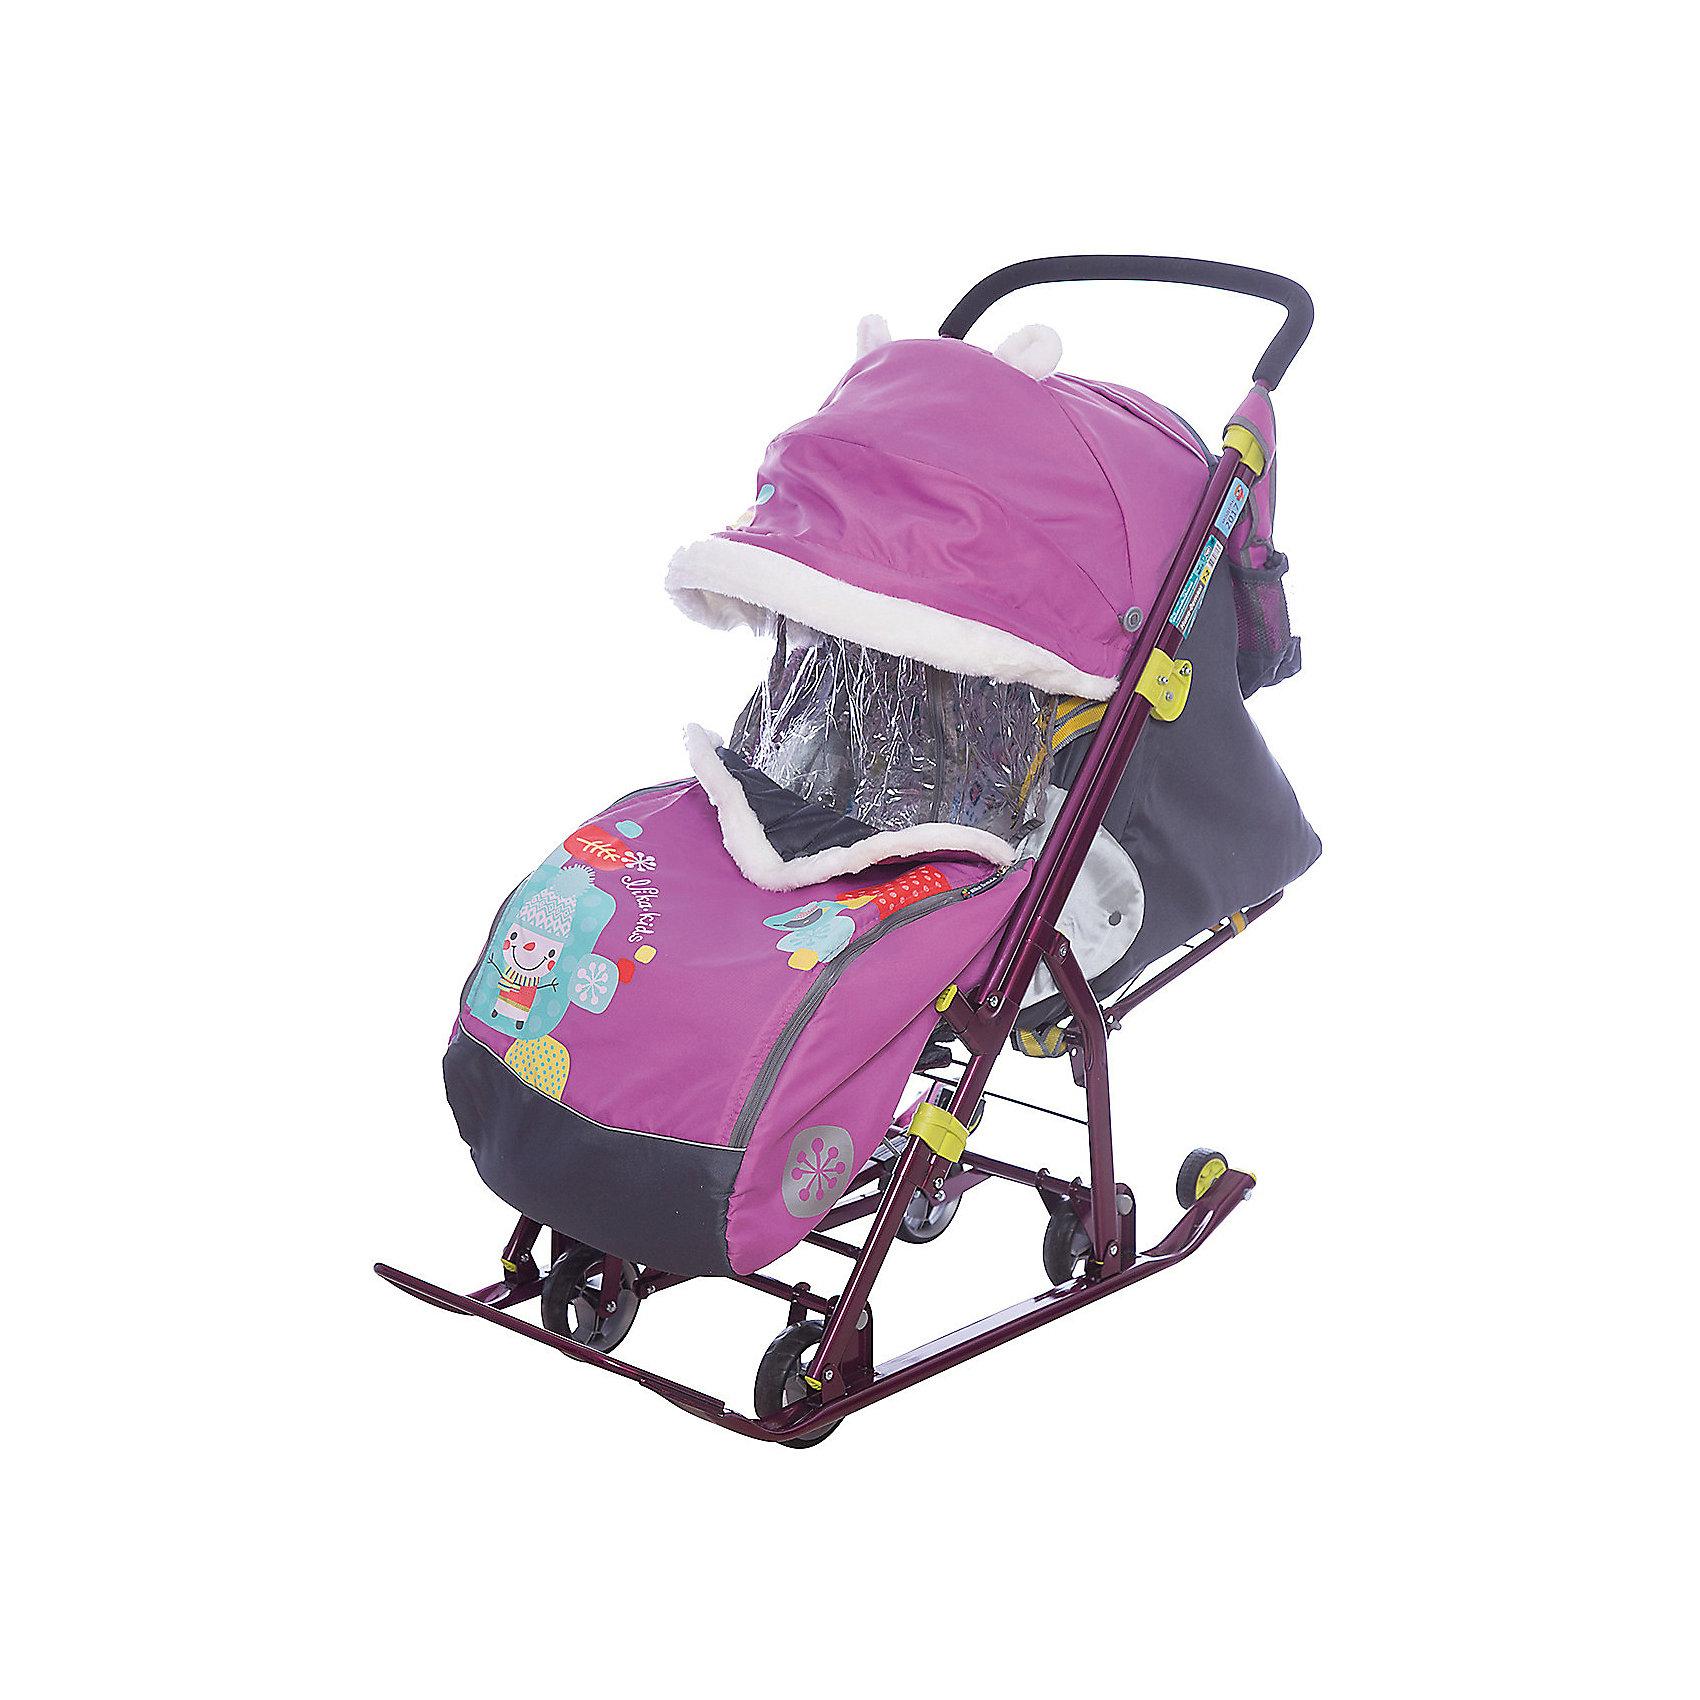 Ника Санки-коляска Ника детям 7-2, Коллаж-снеговик, детские санки коляска ника детям 7 4 мятный